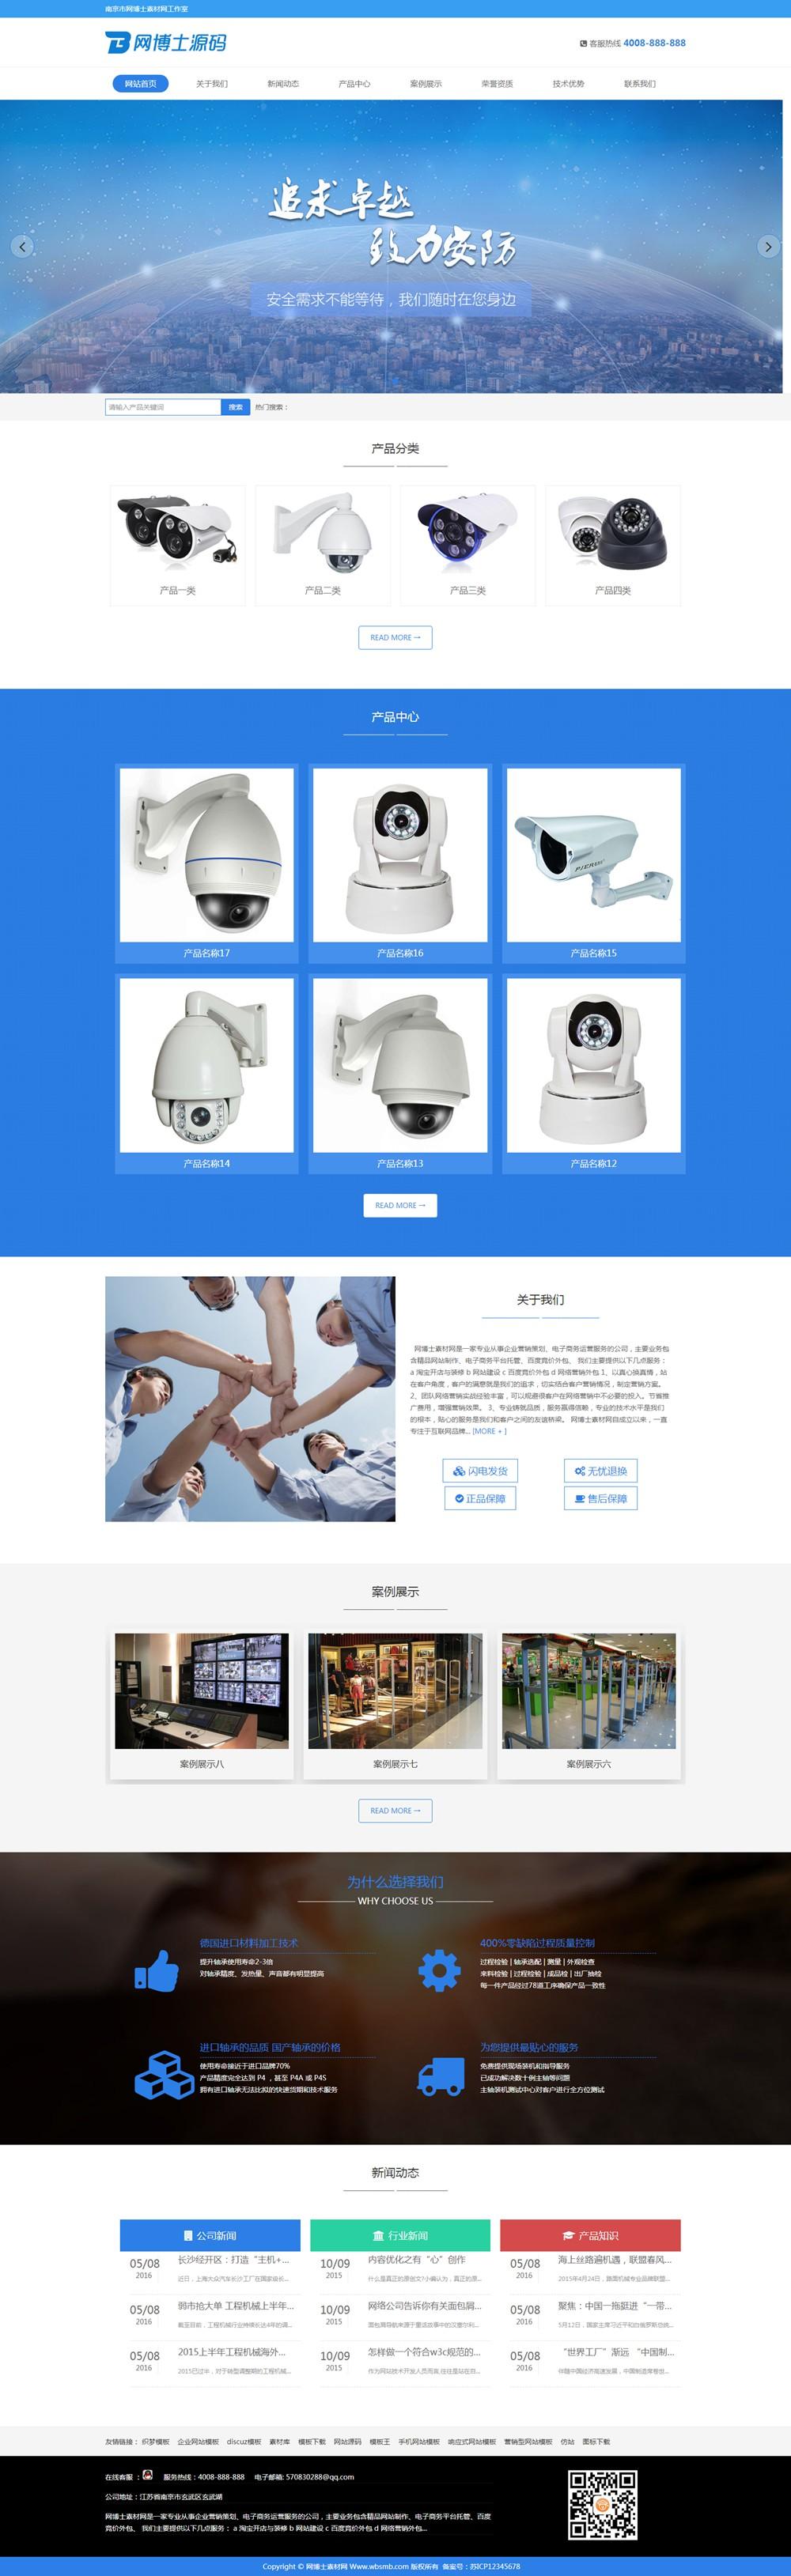 (自适应手机版)响应式安防仪表摄像头设备类网站织梦模板